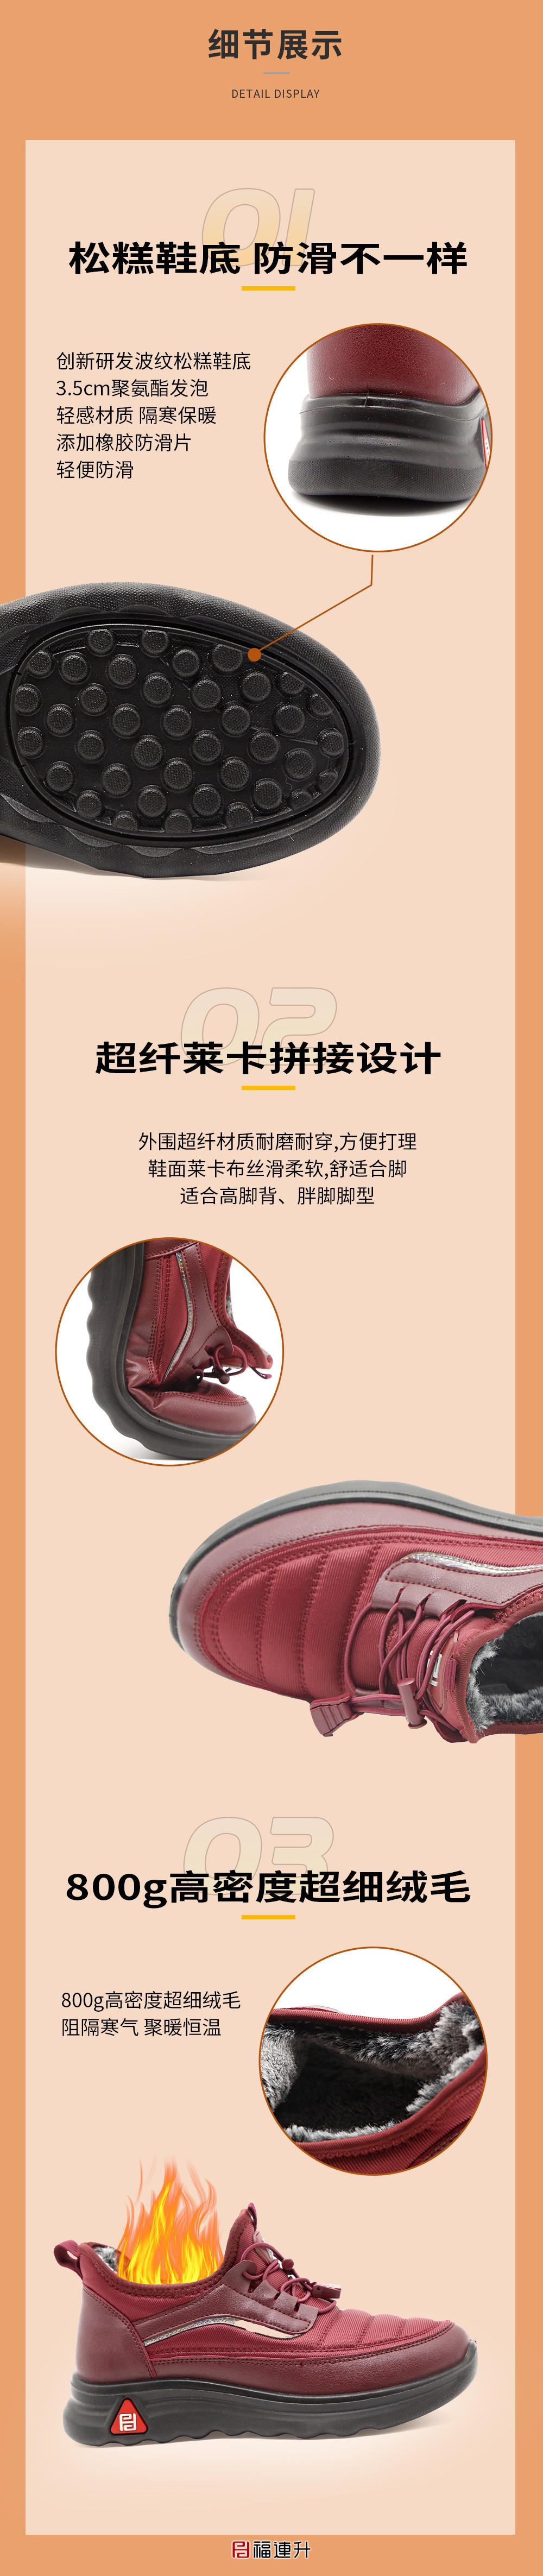 福连升2020冬透气软弹舒适防滑保暖波纹松糕底健步鞋图片